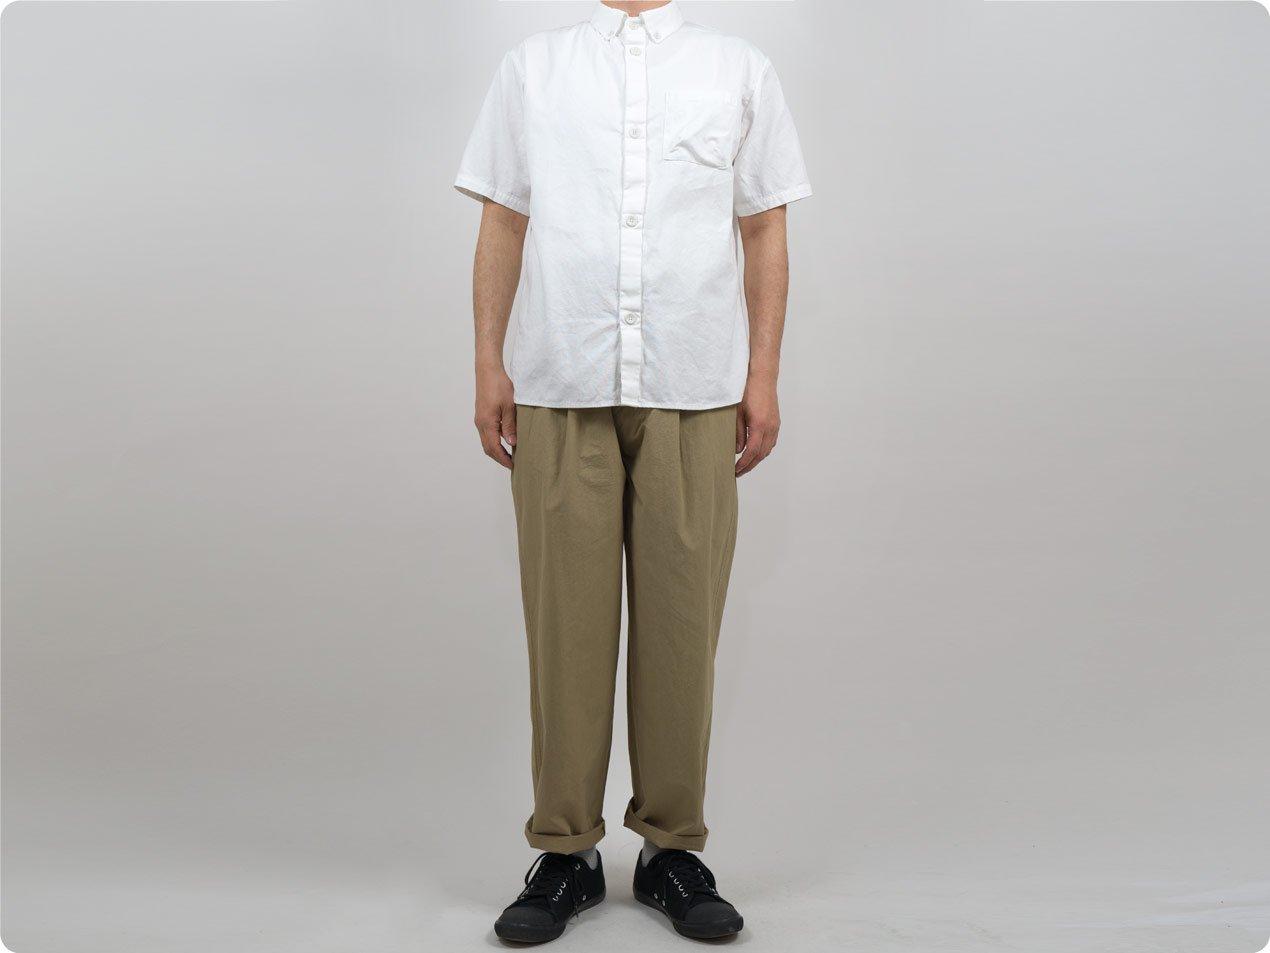 LOLO コットンボタンダウンシャツ 半袖 WHITE